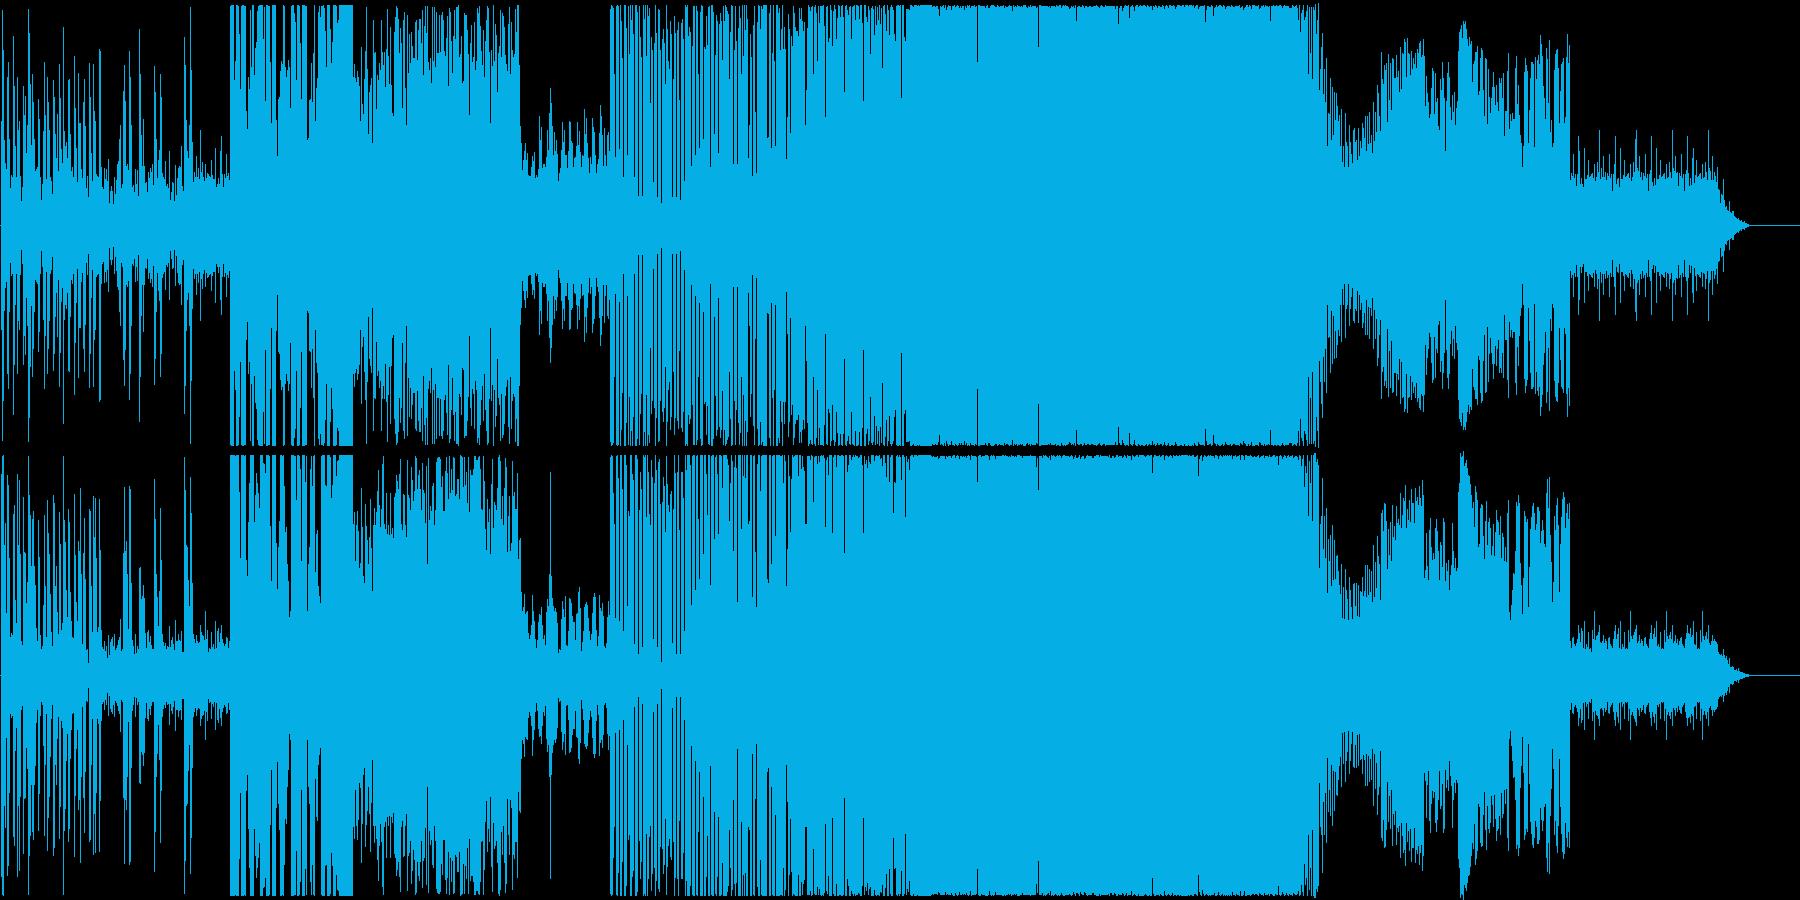 サイバー系ドラムンベース風の再生済みの波形